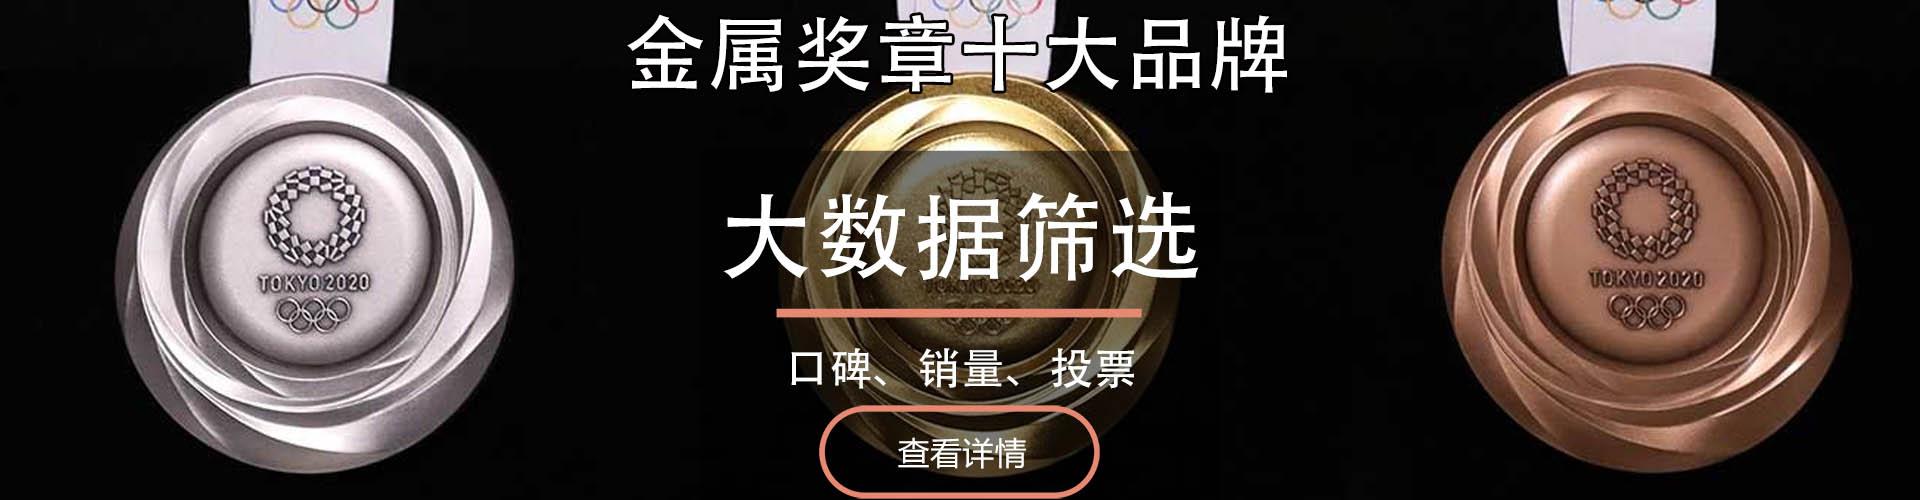 金属奖章十大品牌排行榜